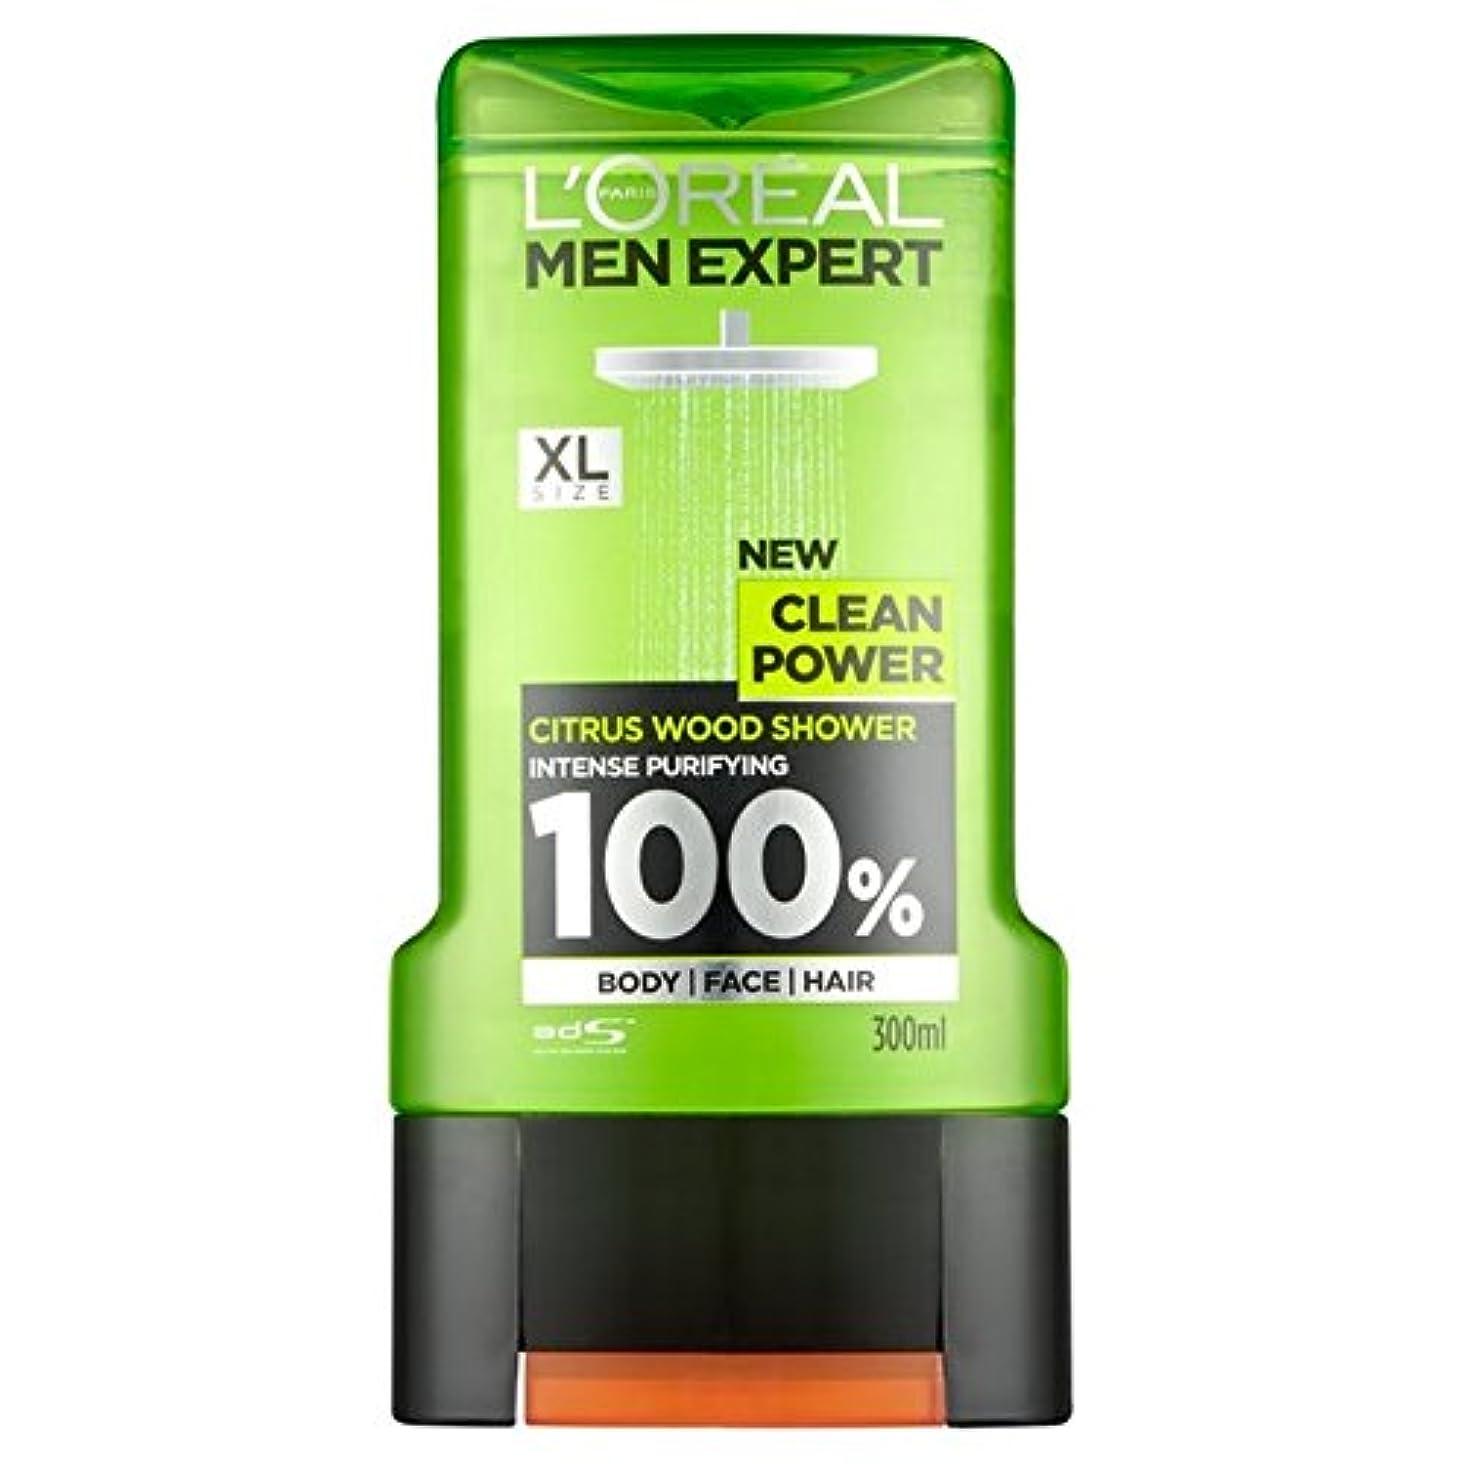 達成喉が渇いた風が強いロレアルパリの男性の専門家クリーンパワーシャワージェル300ミリリットル x2 - L'Oreal Paris Men Expert Clean Power Shower Gel 300ml (Pack of 2) [並行輸入品]